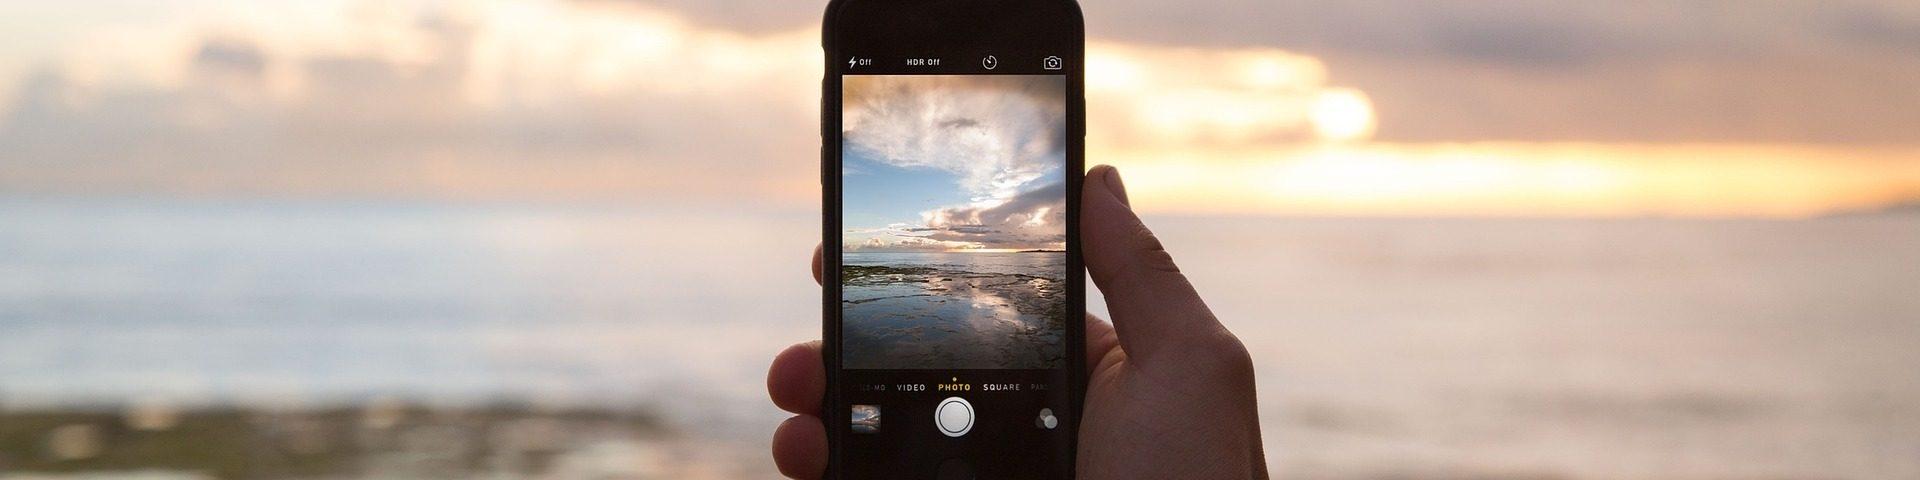 Eine Person hält ein Smartphone in die Landschaft.